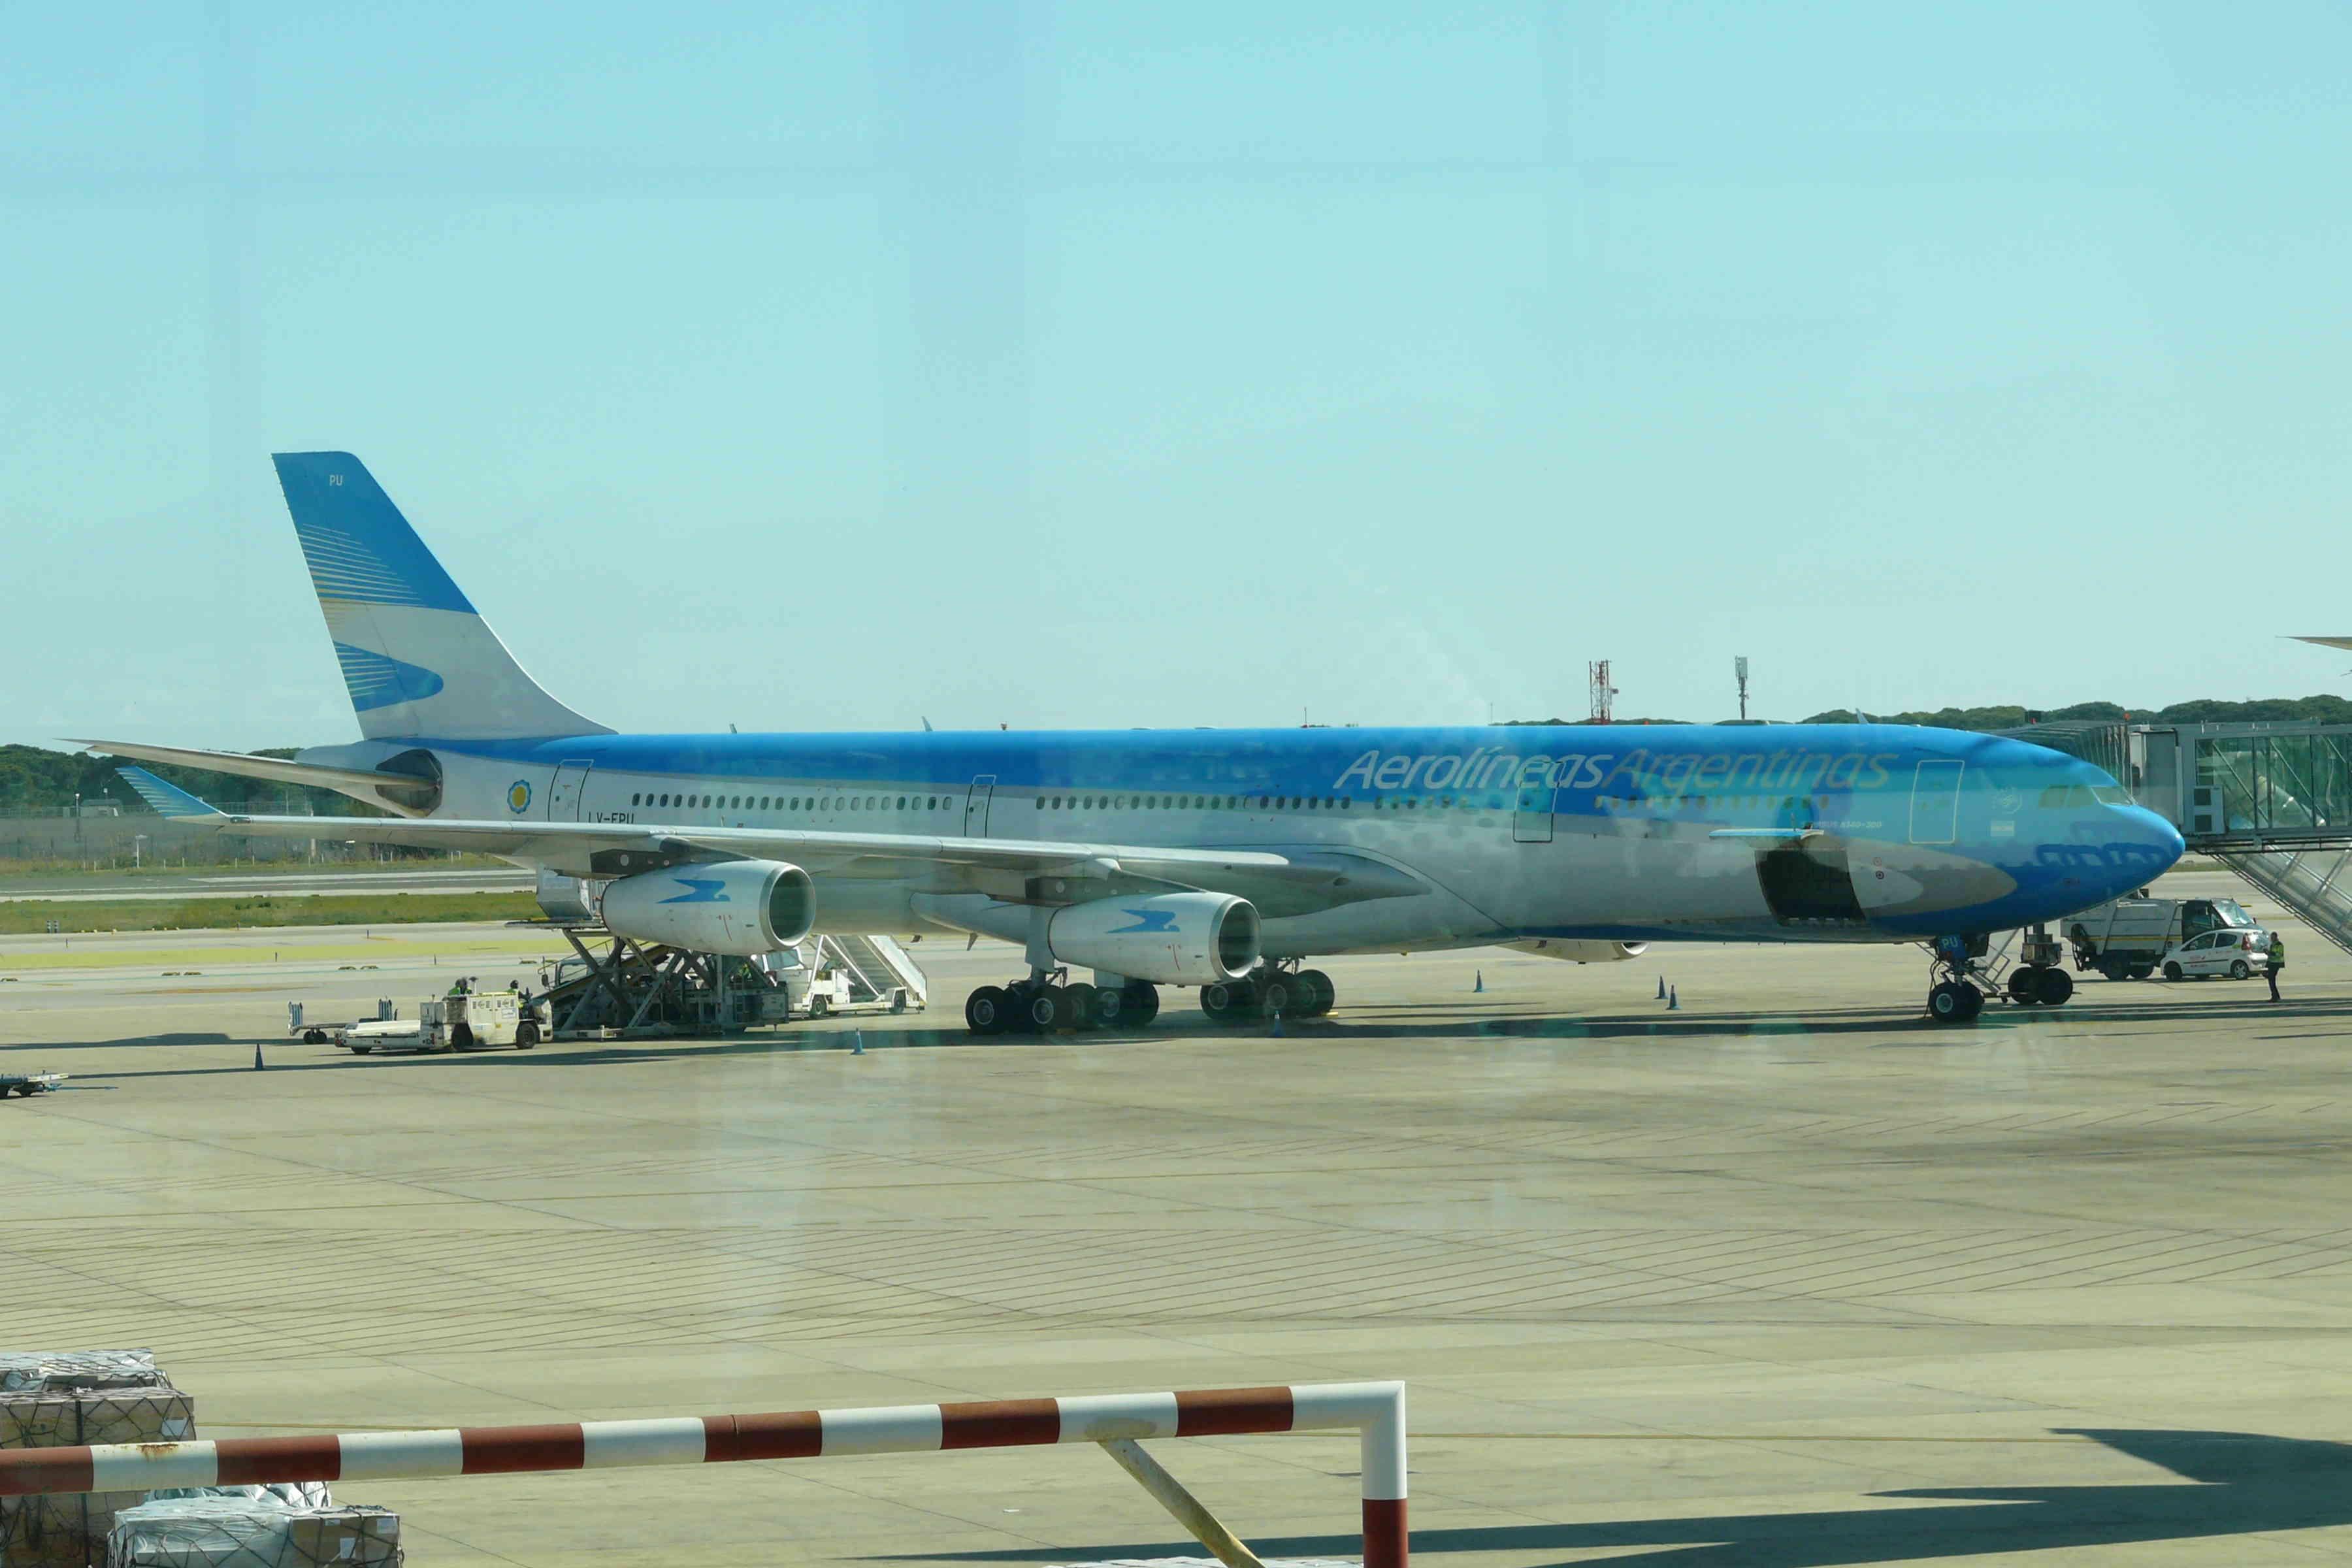 El Prat - Aeropuerto de Barcelona P1170324